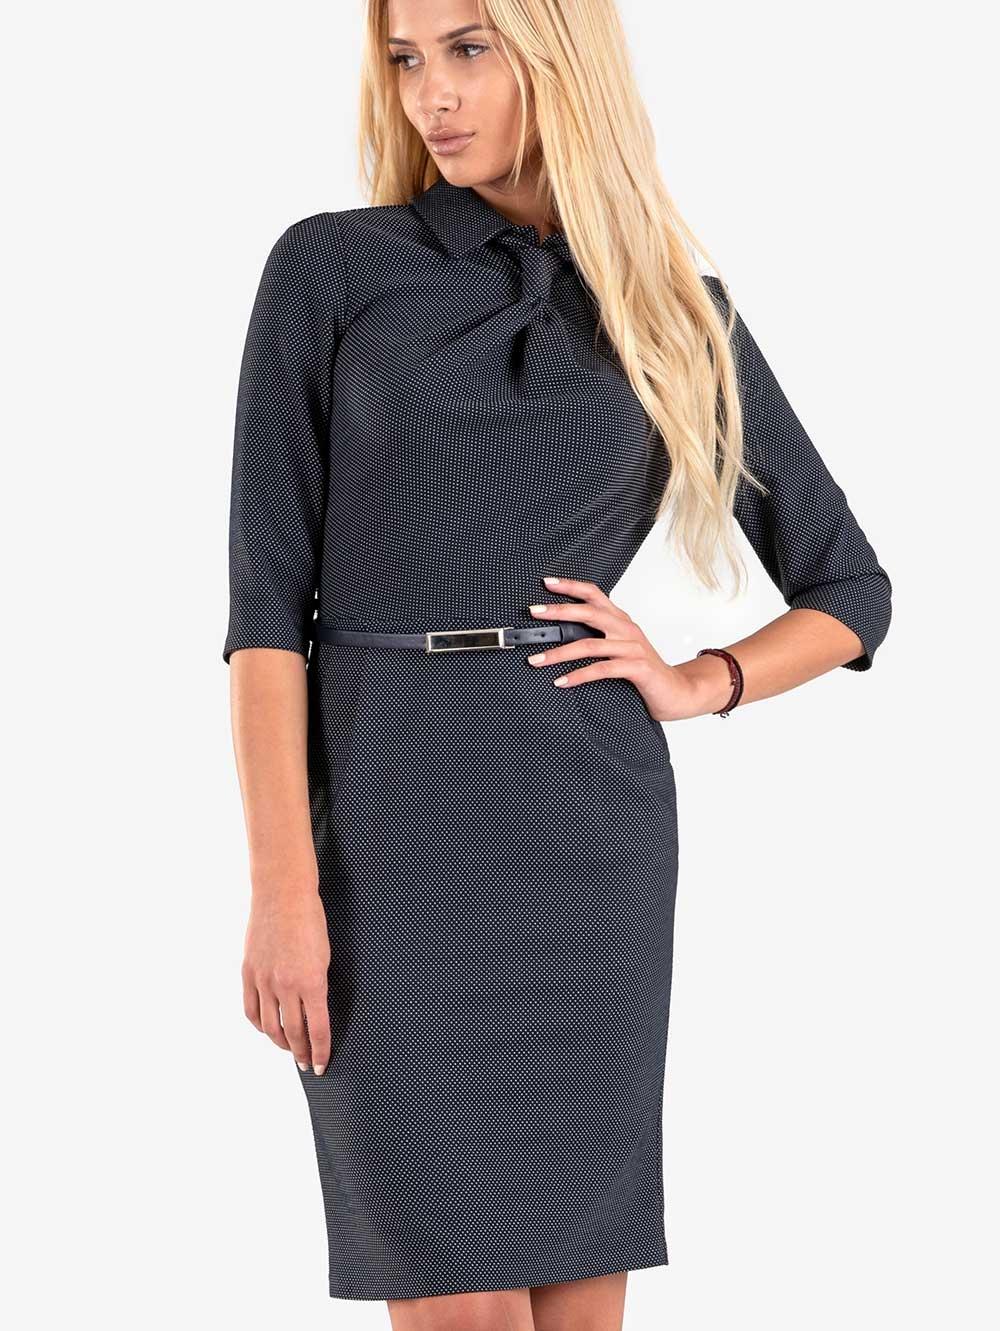 1737b8b2fc9 Тъмносиня рокля с имитация на вратовръзка | Елегантни рокли от INDIGO  Fashion